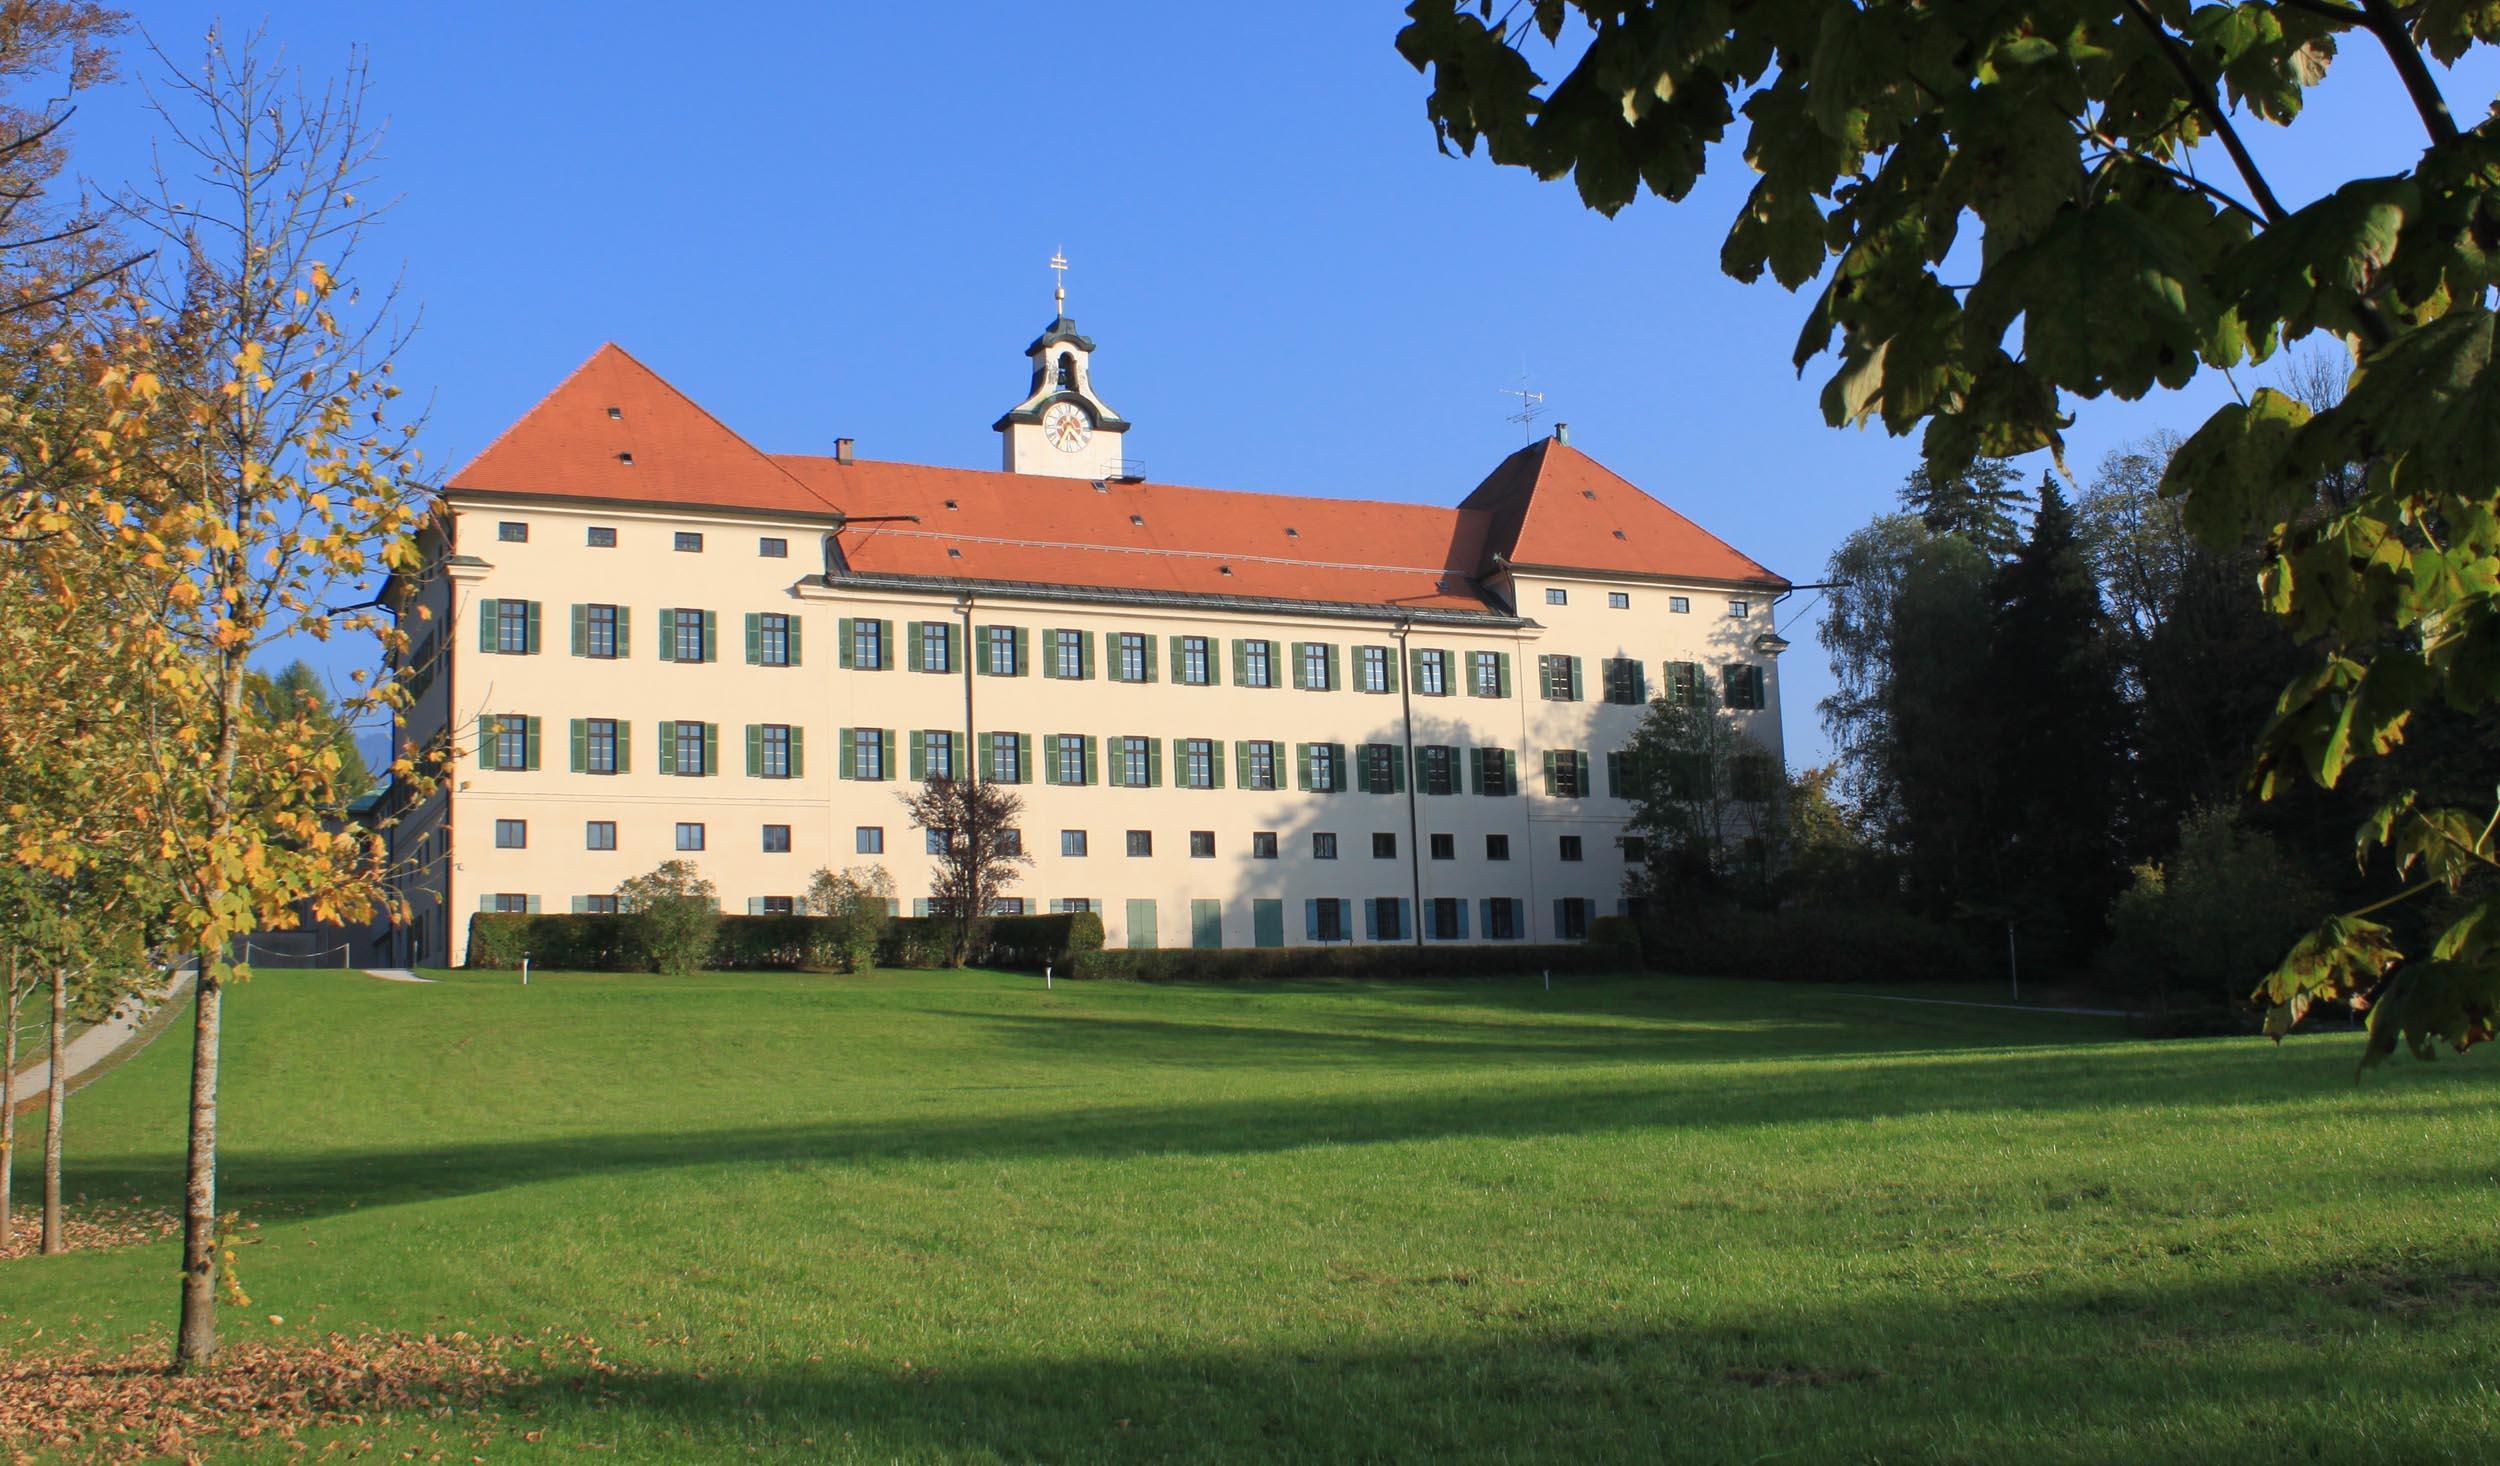 Hohenburg